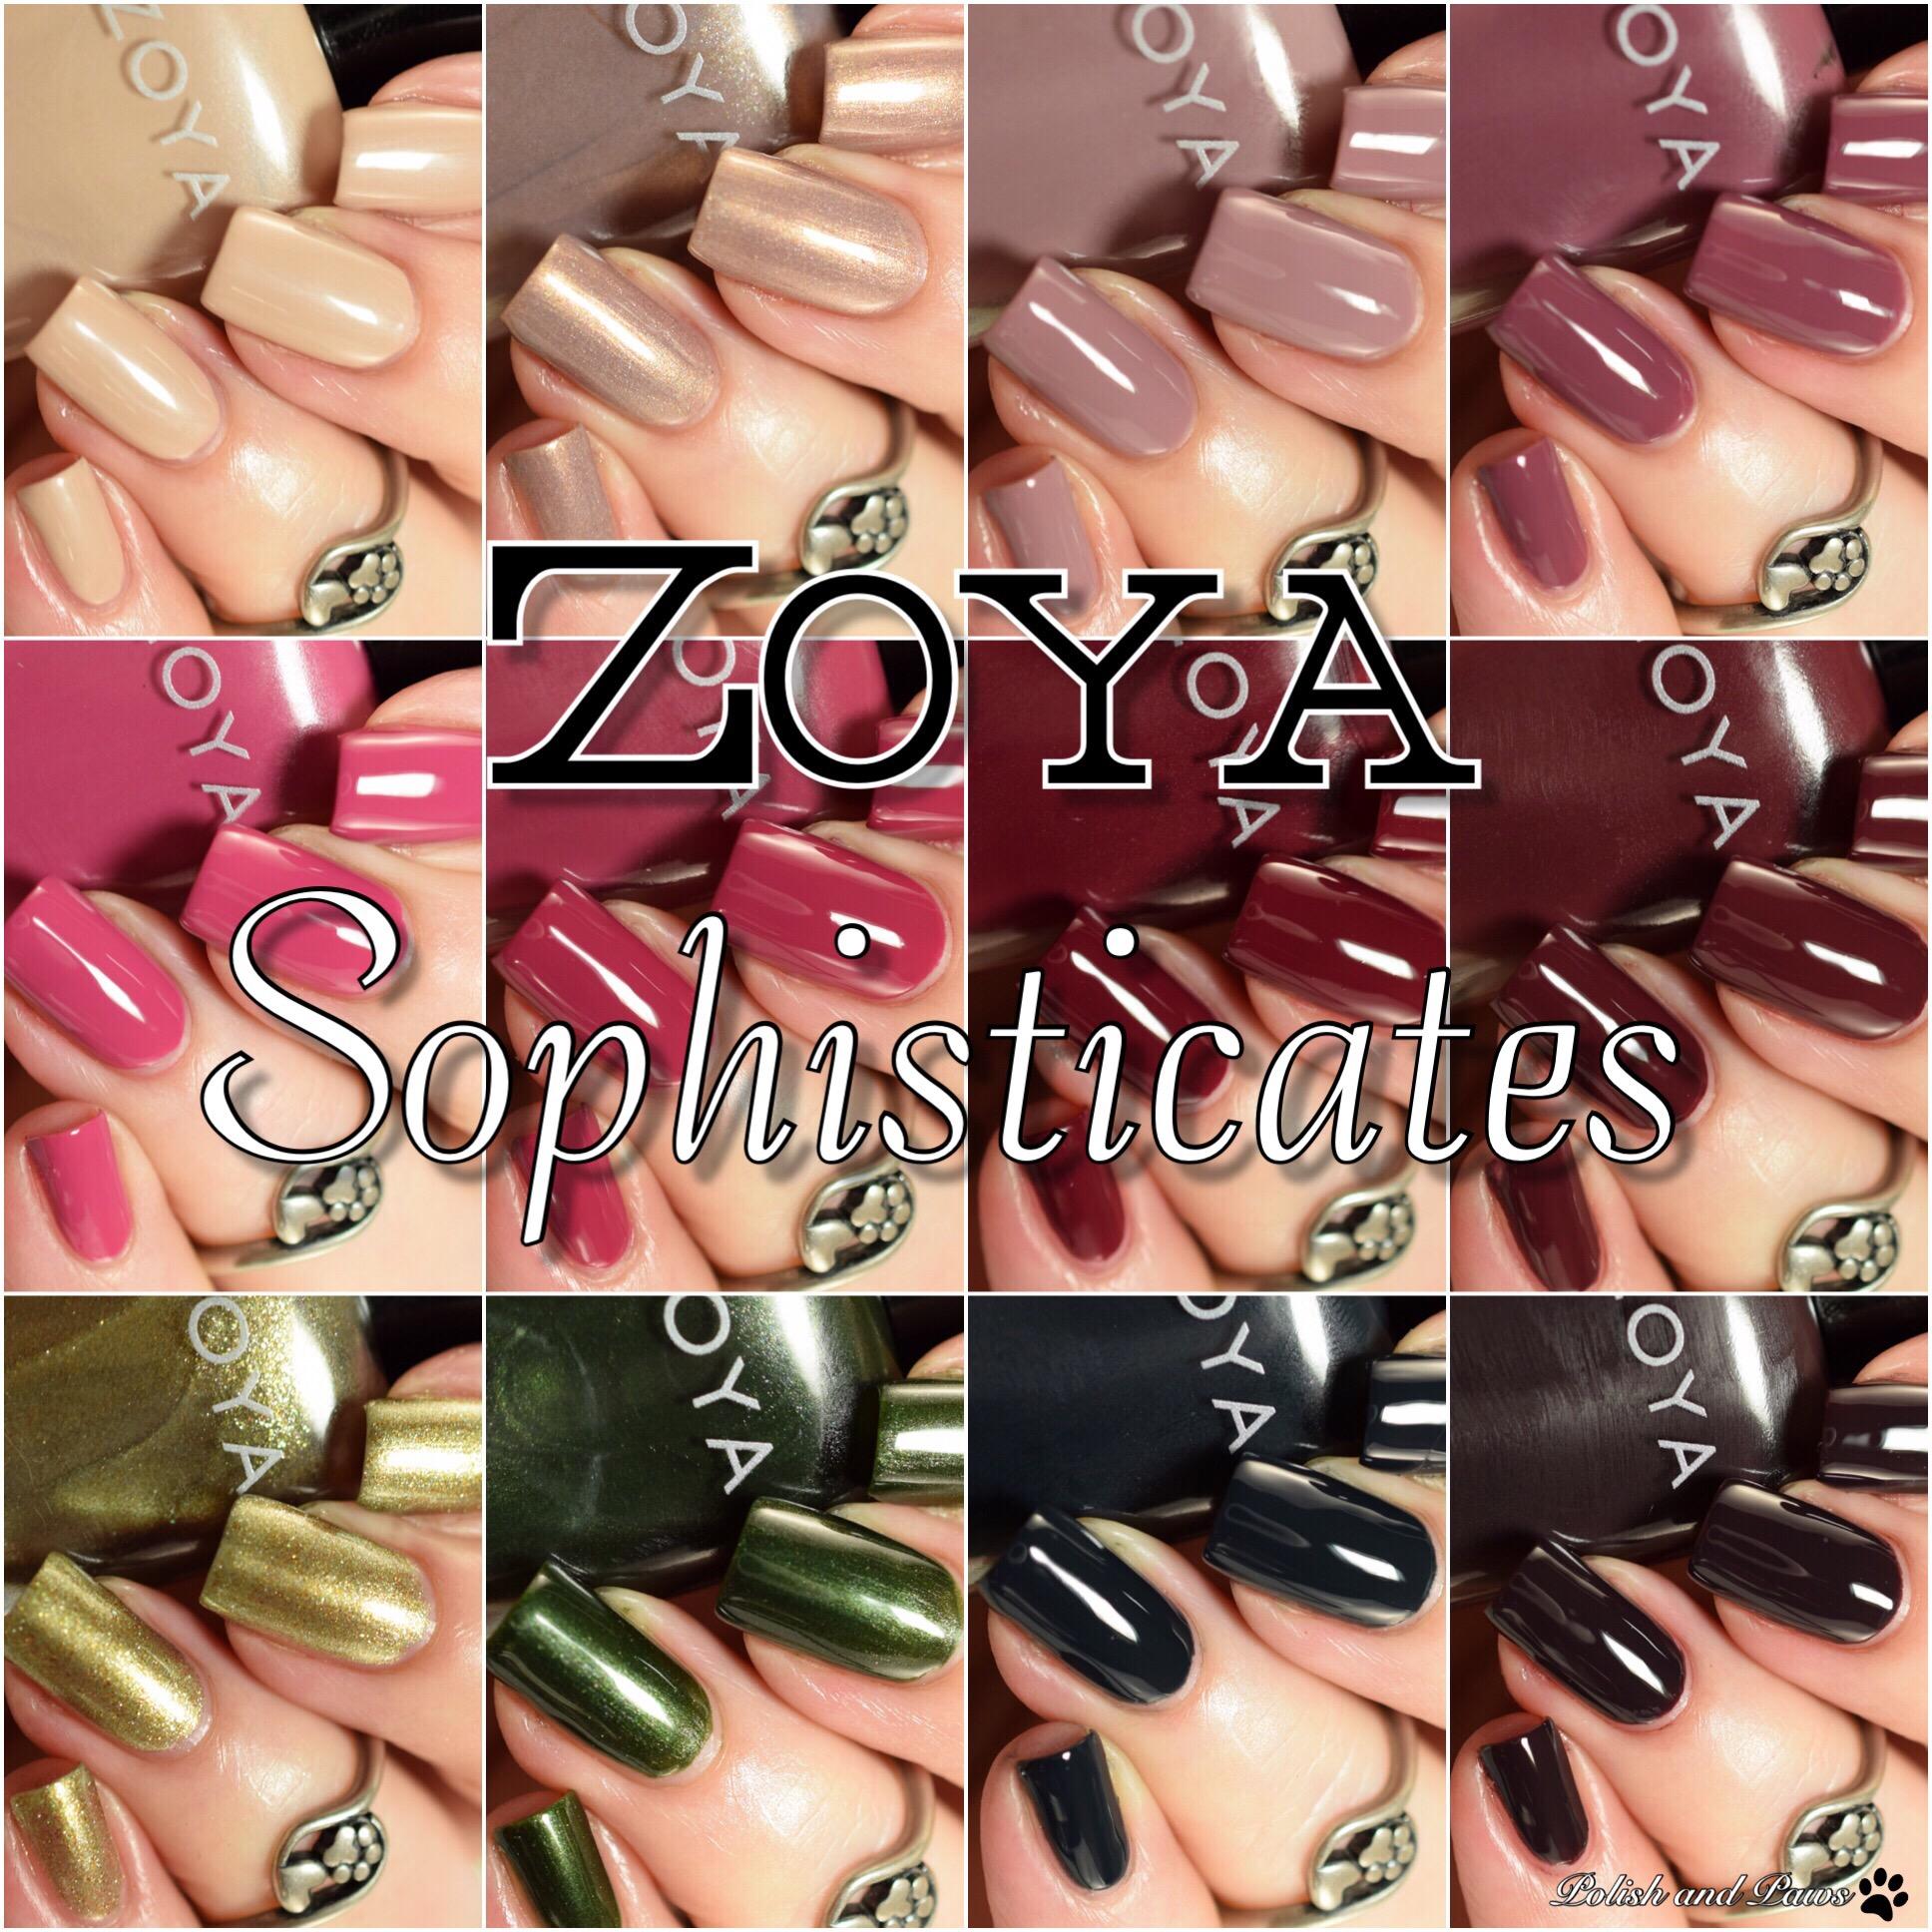 Zoya Sophisticates